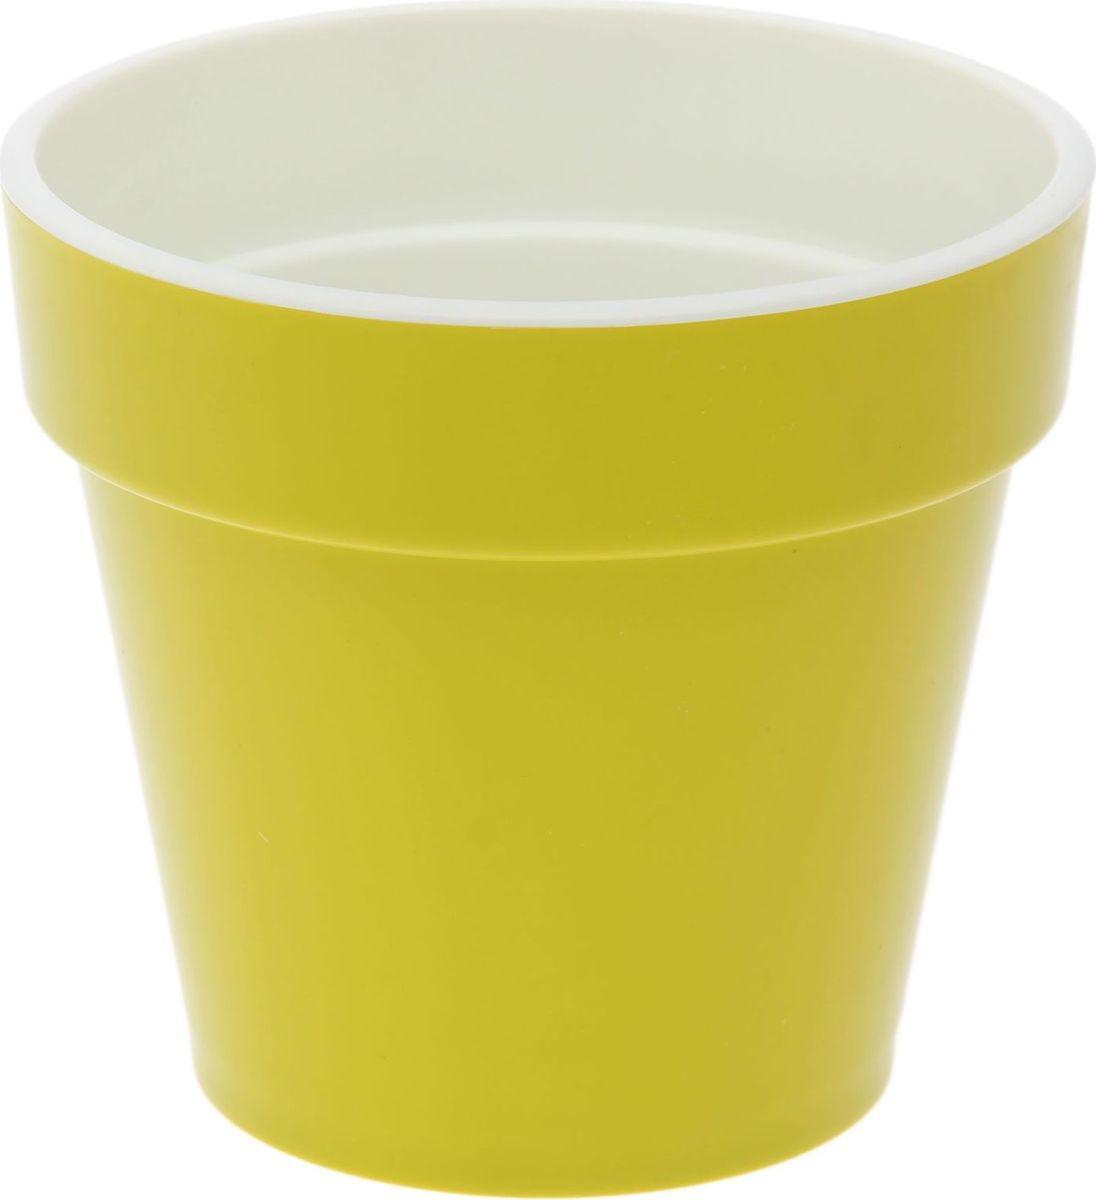 Кашпо JetPlast Порто, со вставкой, цвет: фисташковый, 1 л4612754052448Кашпо Порто классической формы с внутренней вставкой-горшком. Дренажная вставка позволяет легко поливать растения без использования дополнительного поддона. Вместительный объем кашпо позволяет высаживать самые разнообразные растения, а съемная вставка избавит вас от грязи и подчеркнет красоту цветка. Оно изготовлено из прочного полипропилена (пластика). Такое кашпо порадует вас функциональностью, а благодаря лаконичному дизайну впишется в любой интерьер помещения. Объем кашпо: 1 л.